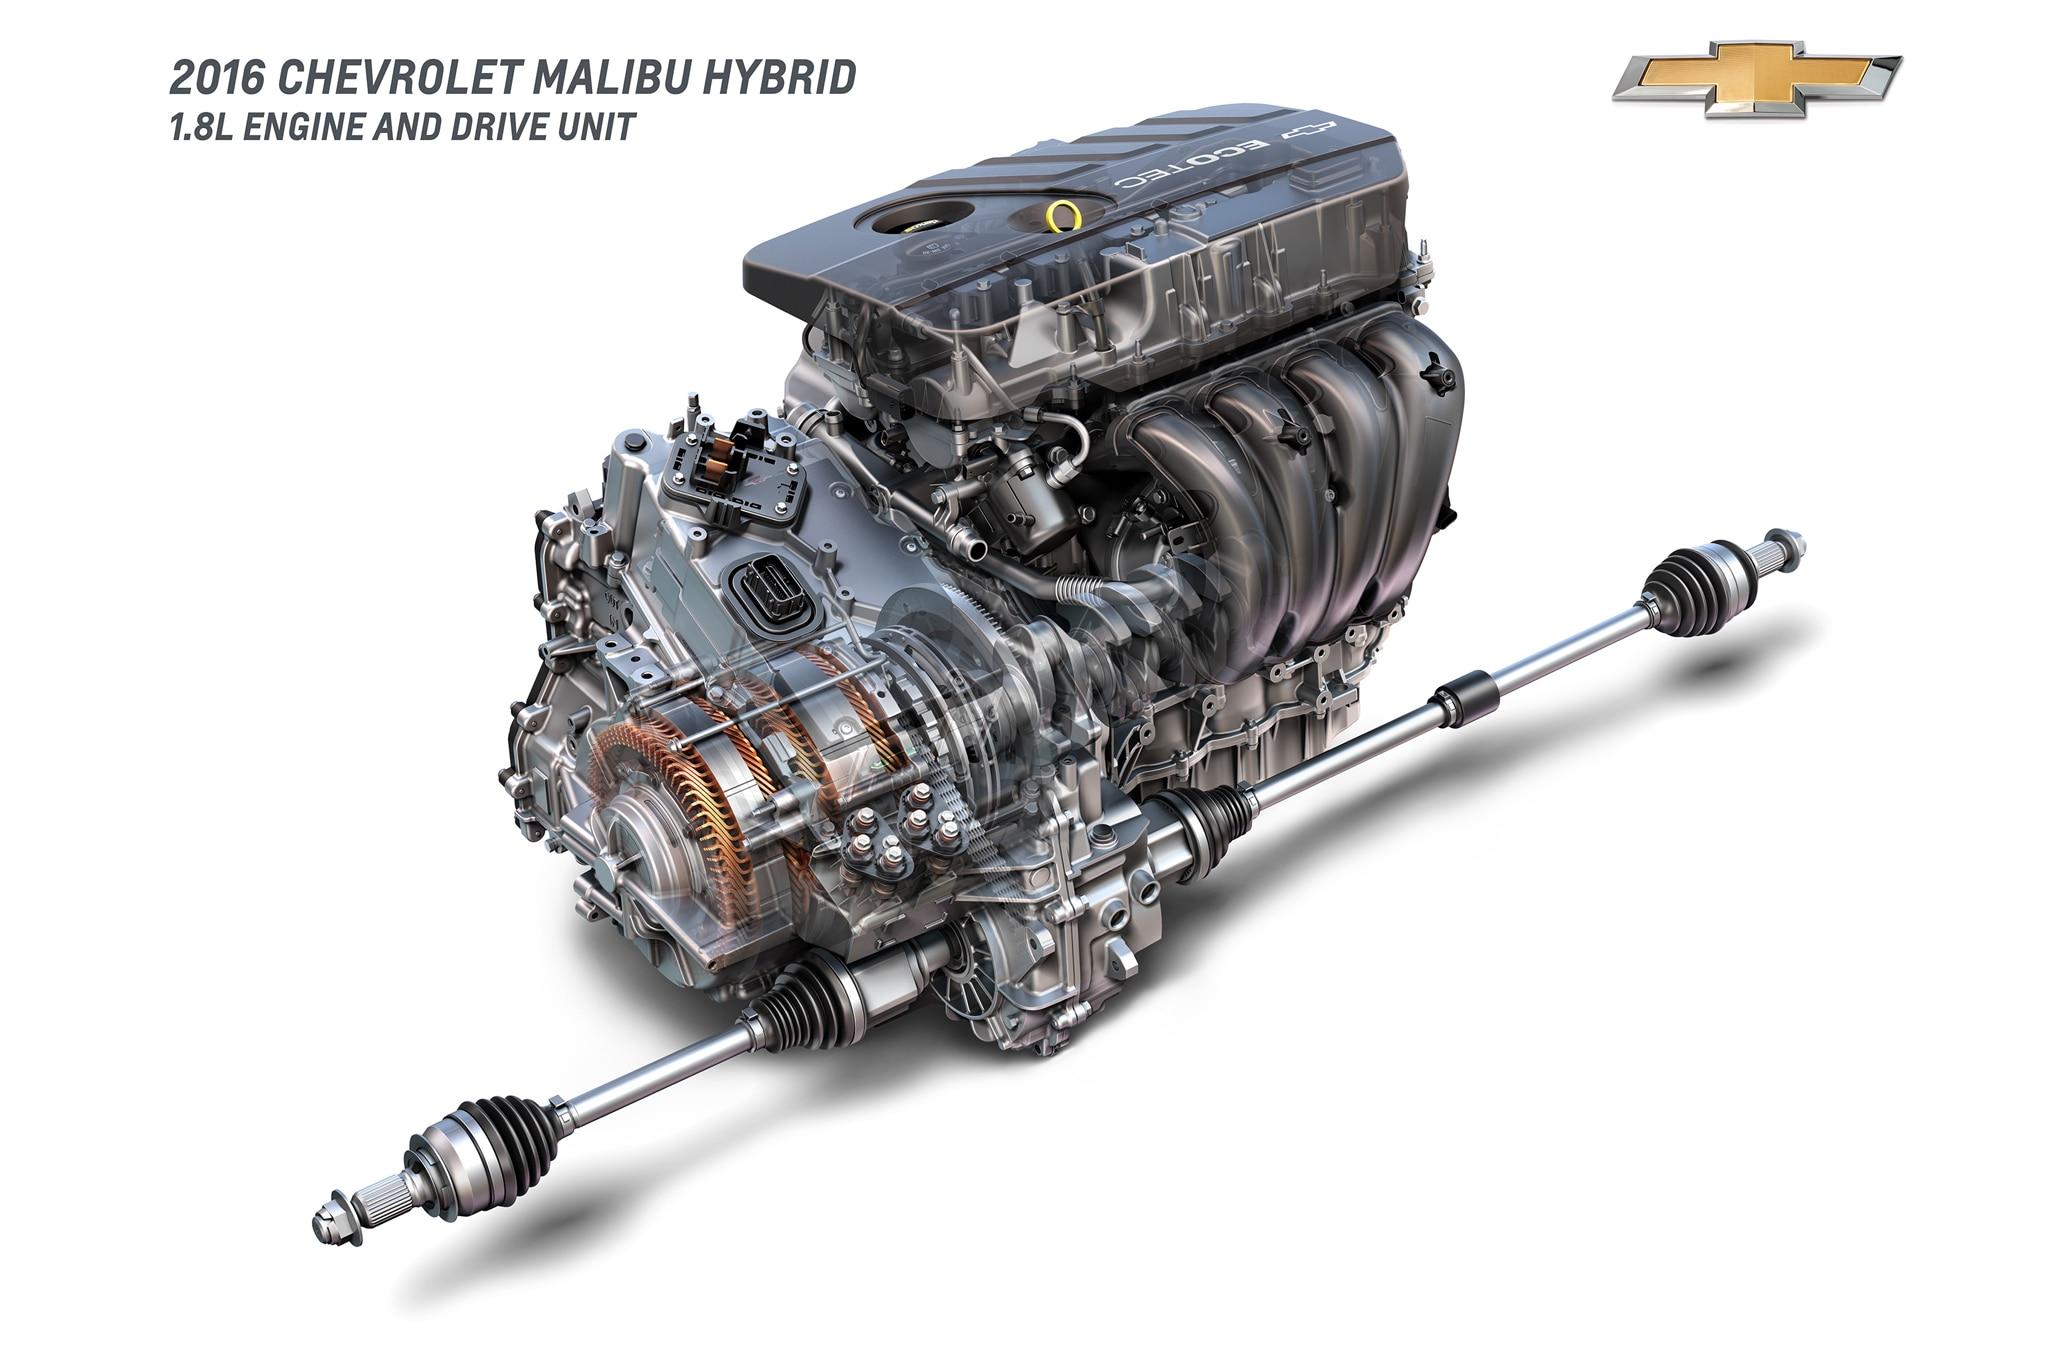 2016 Chevrolet Malibu Hybrid Returns 46 Mpg